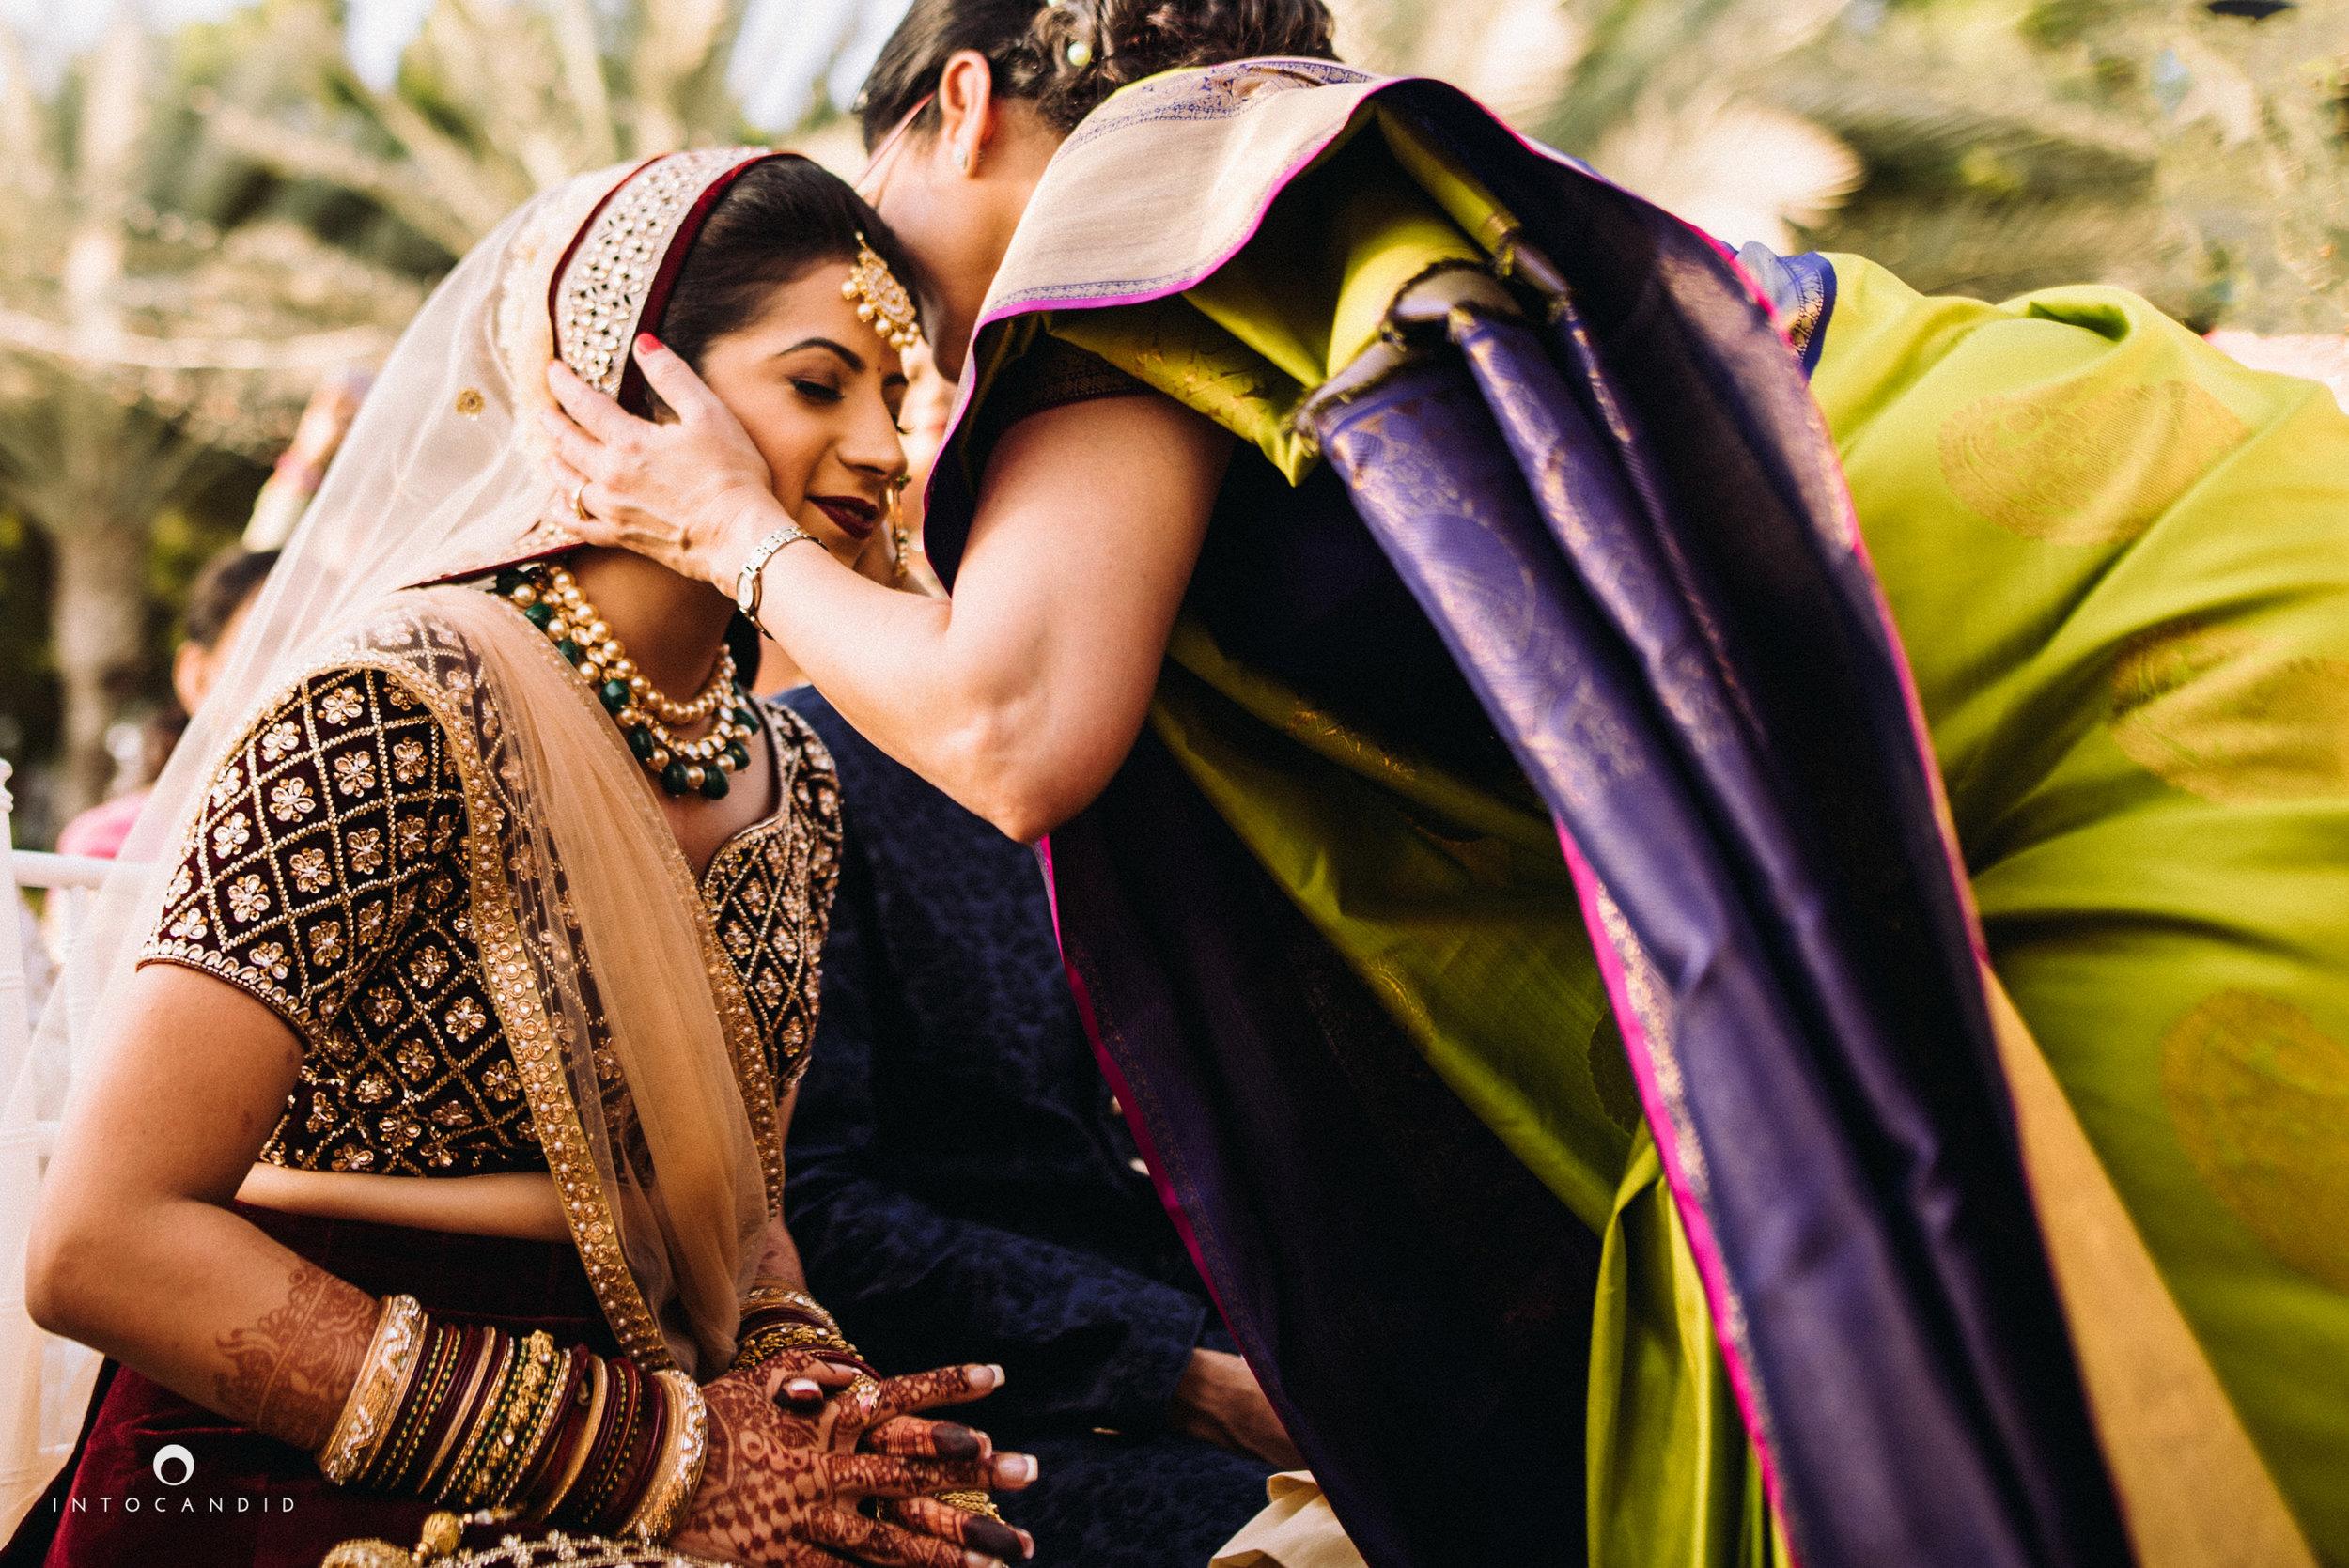 Dubai_Wedding_Photographer_32.JPG